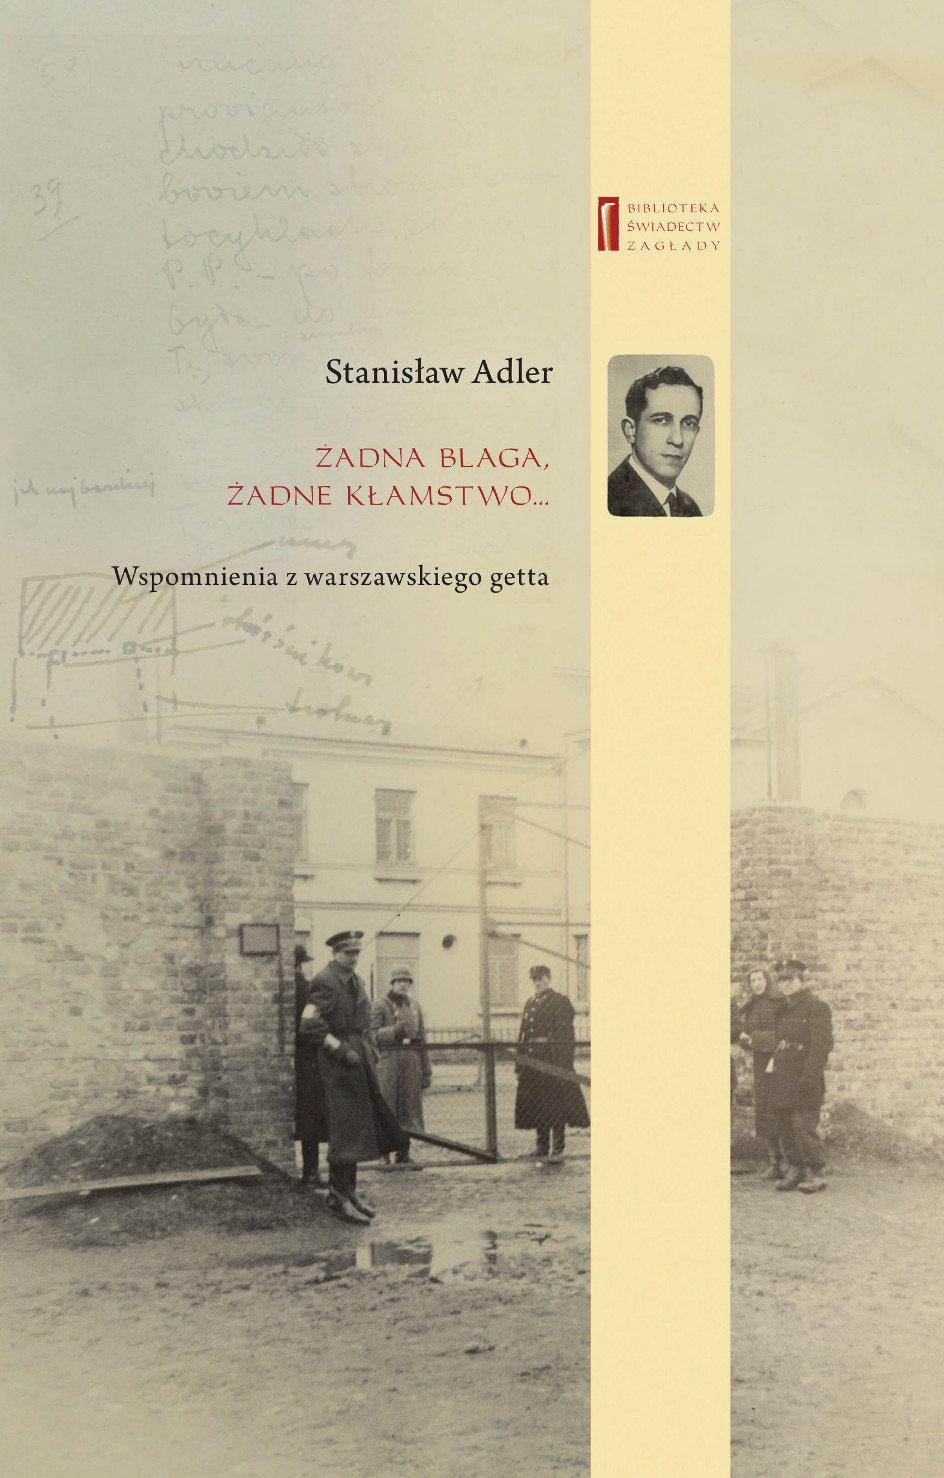 Żadna blaga żadne kłamstwo ... Wspomnienia z warszawskiego getta - Ebook (Książka EPUB) do pobrania w formacie EPUB